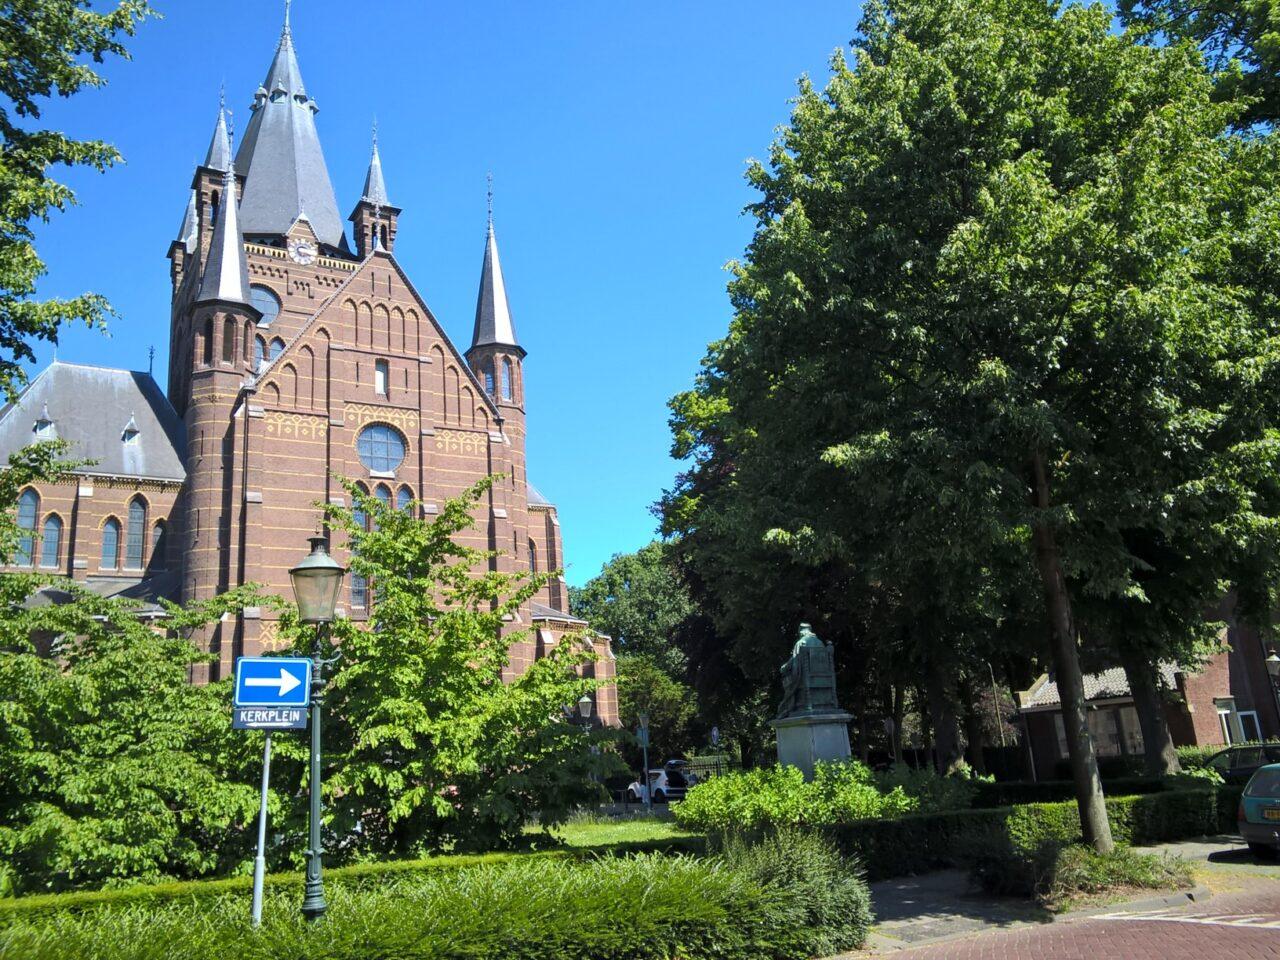 Sluip- en vrachtverkeer en scholieren op het Kerkplein